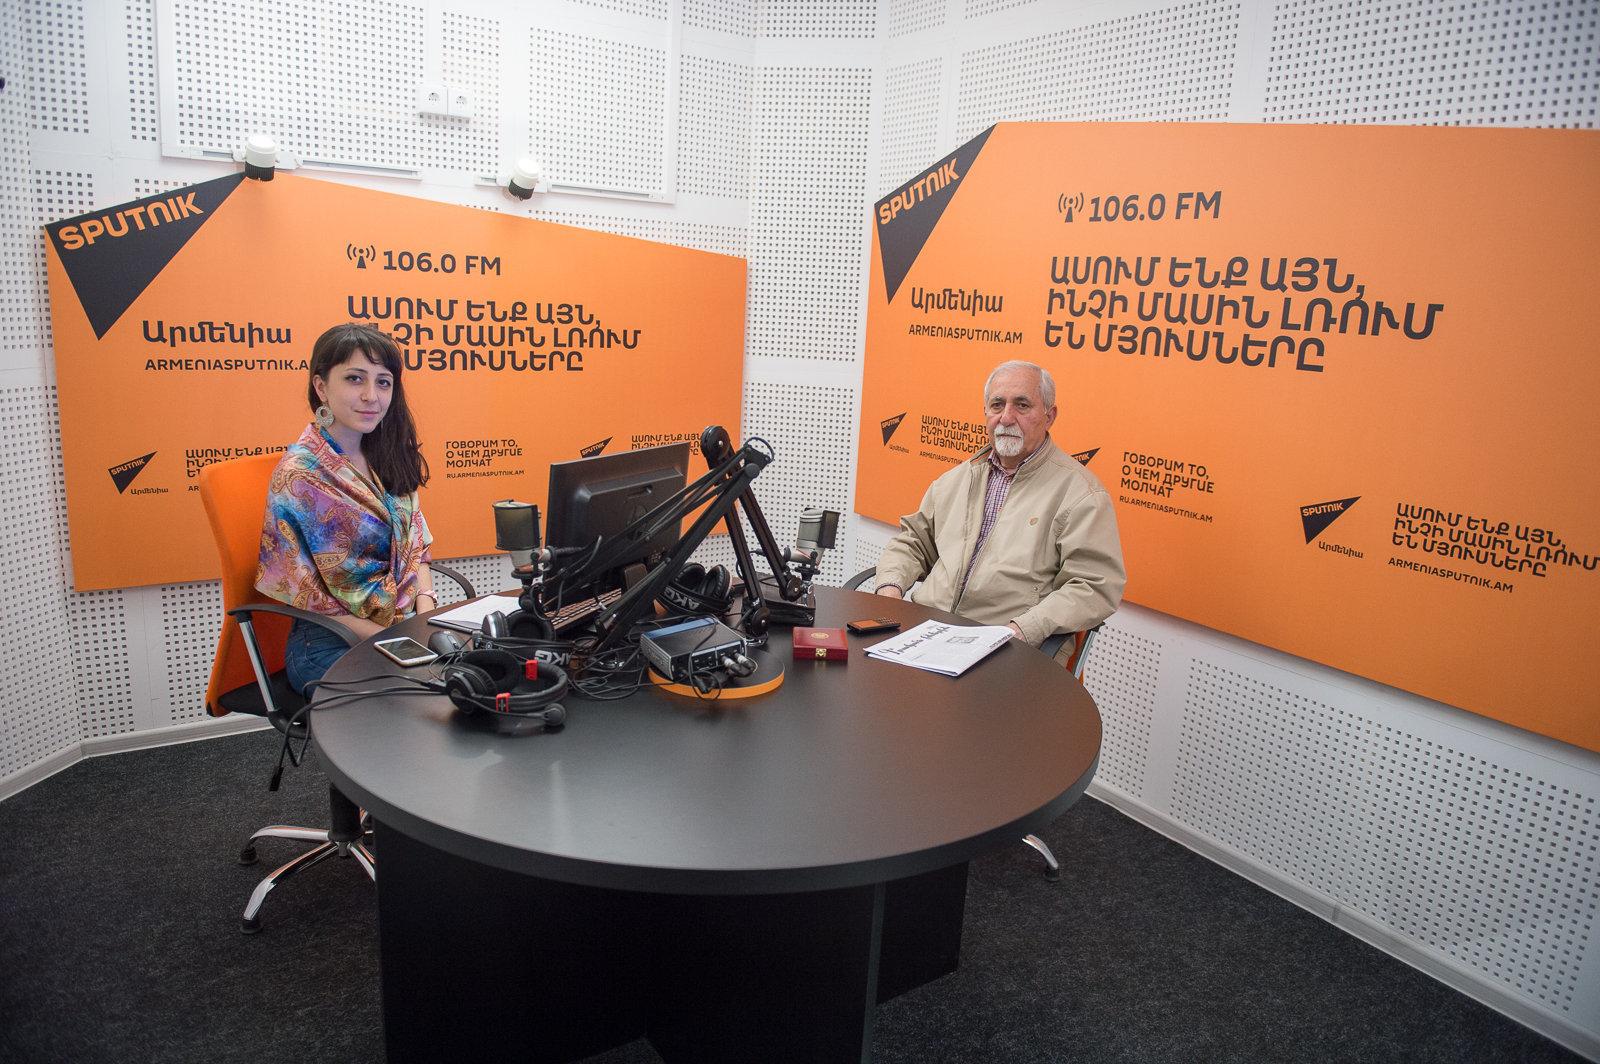 Роберт Мирзоян в гостях у радио Sputnik Армения